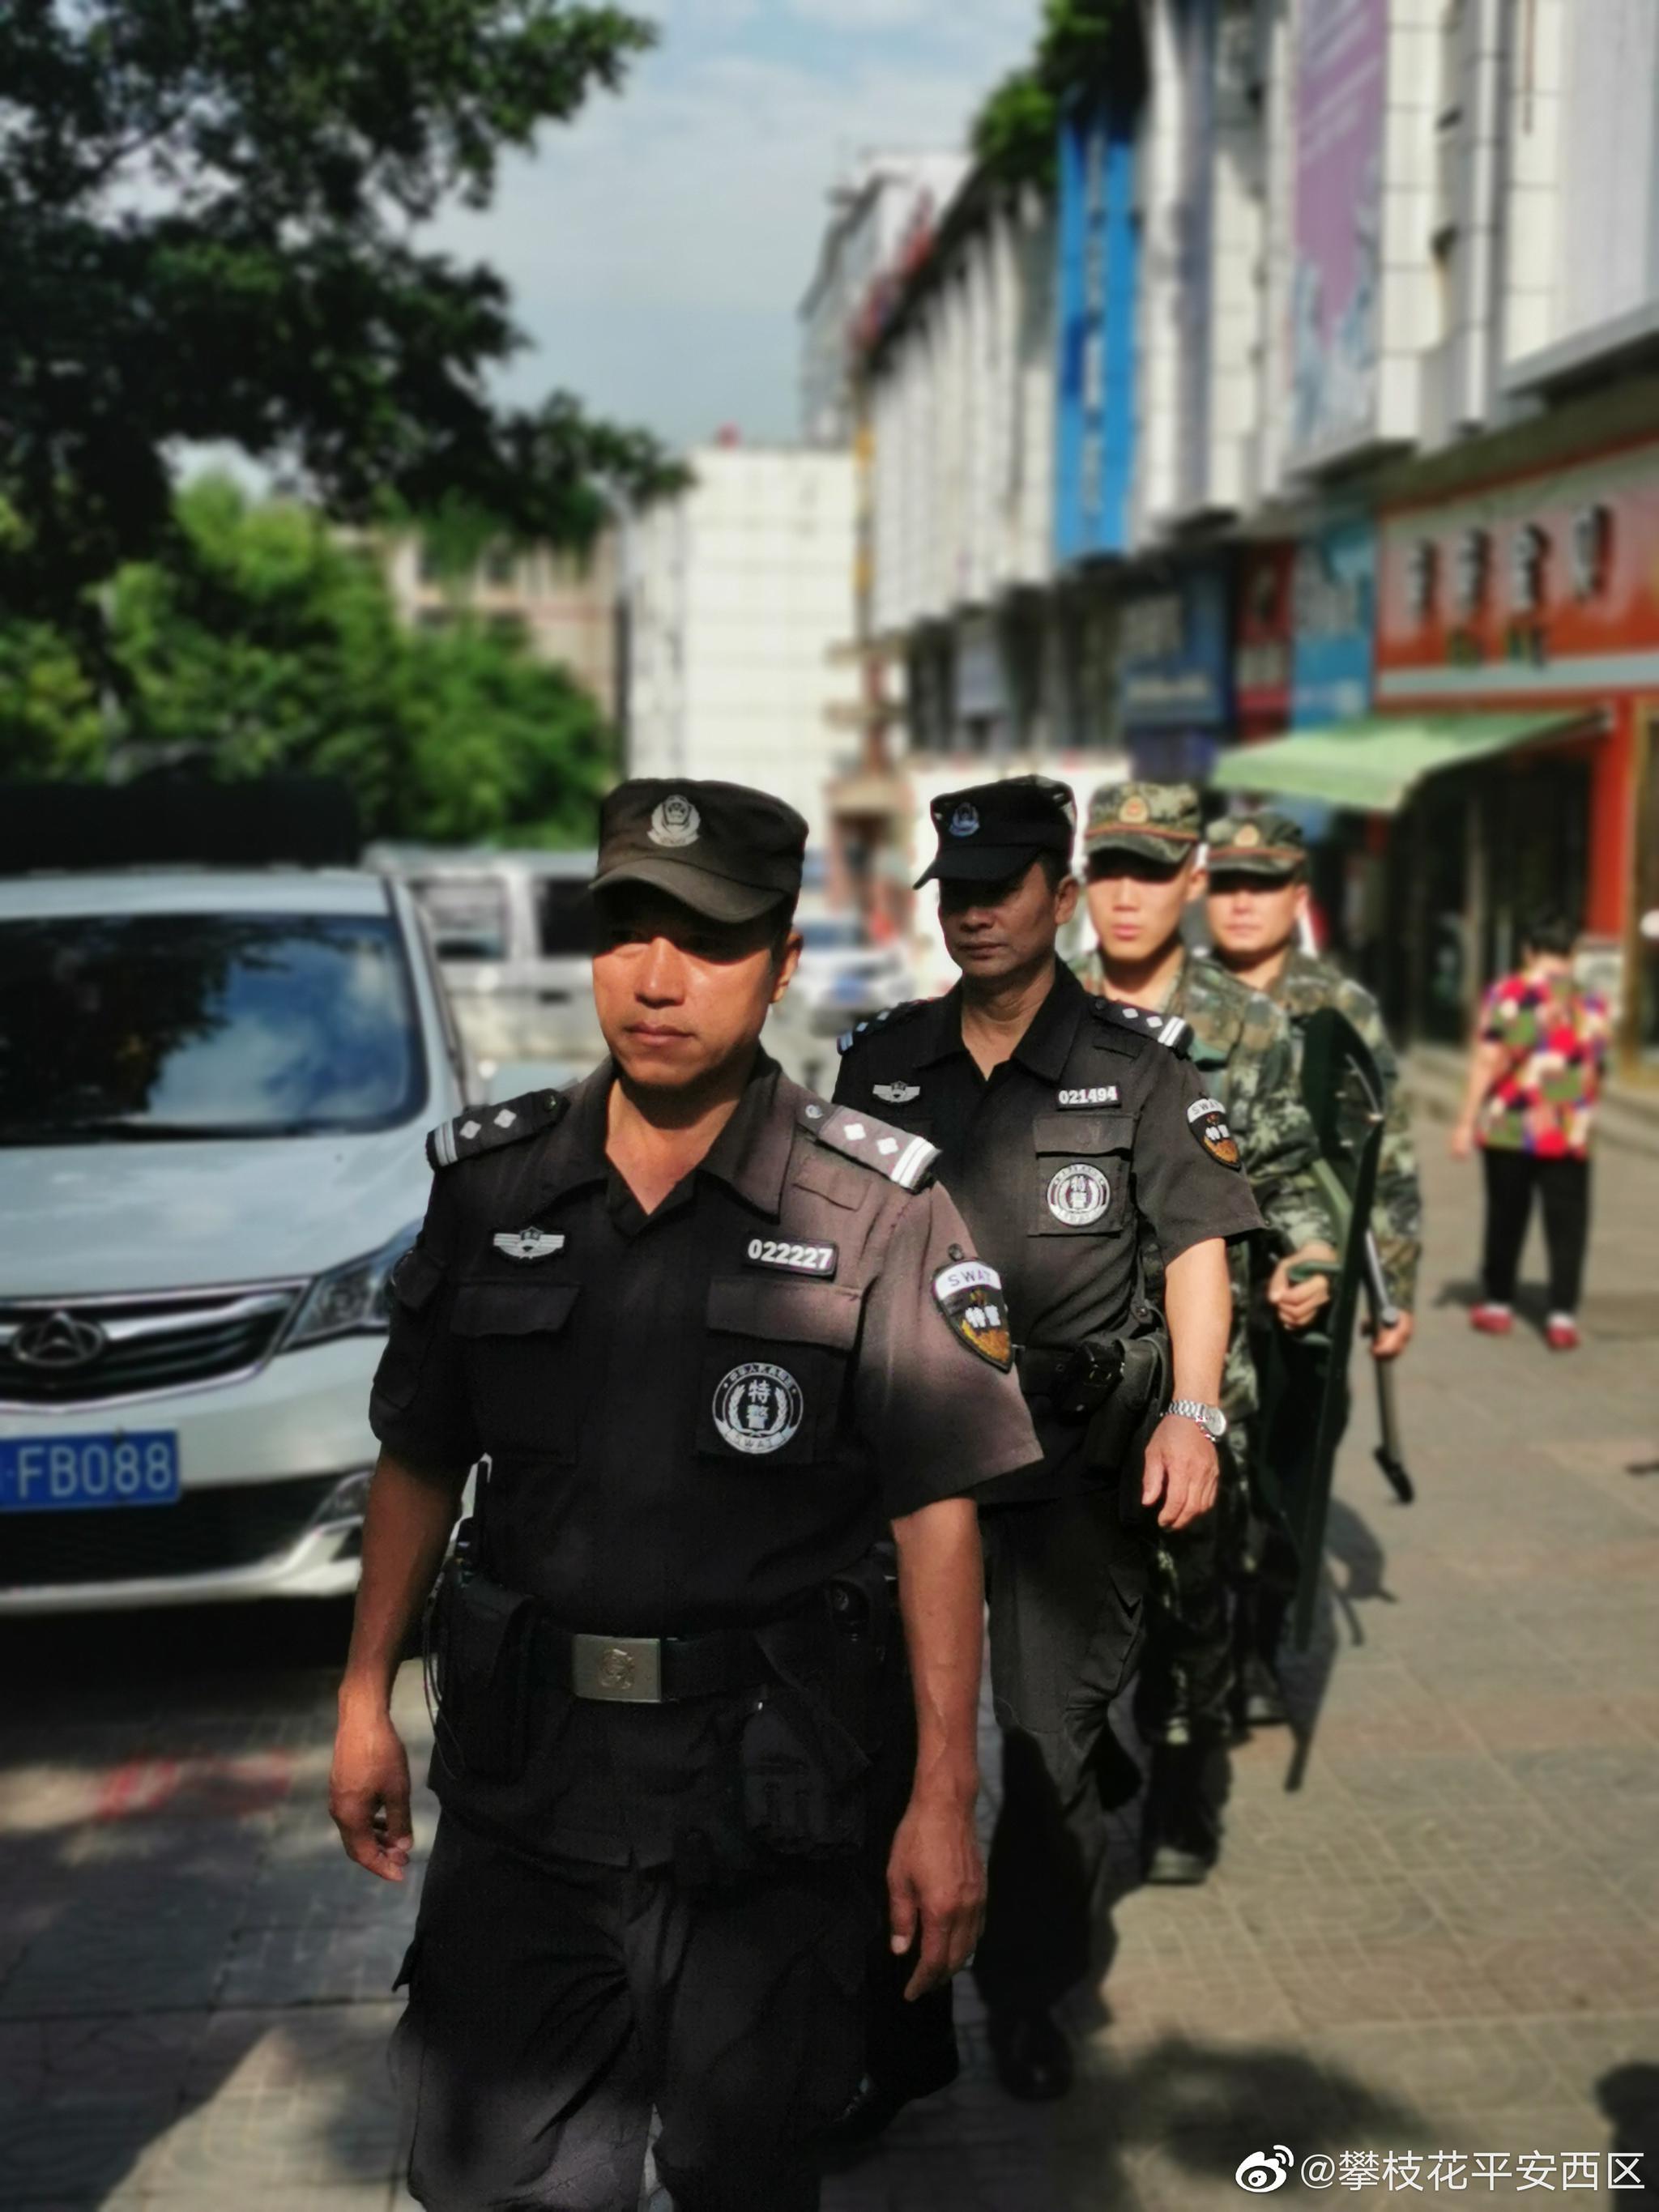 为加强新中国成立70周年期间安保维稳工作